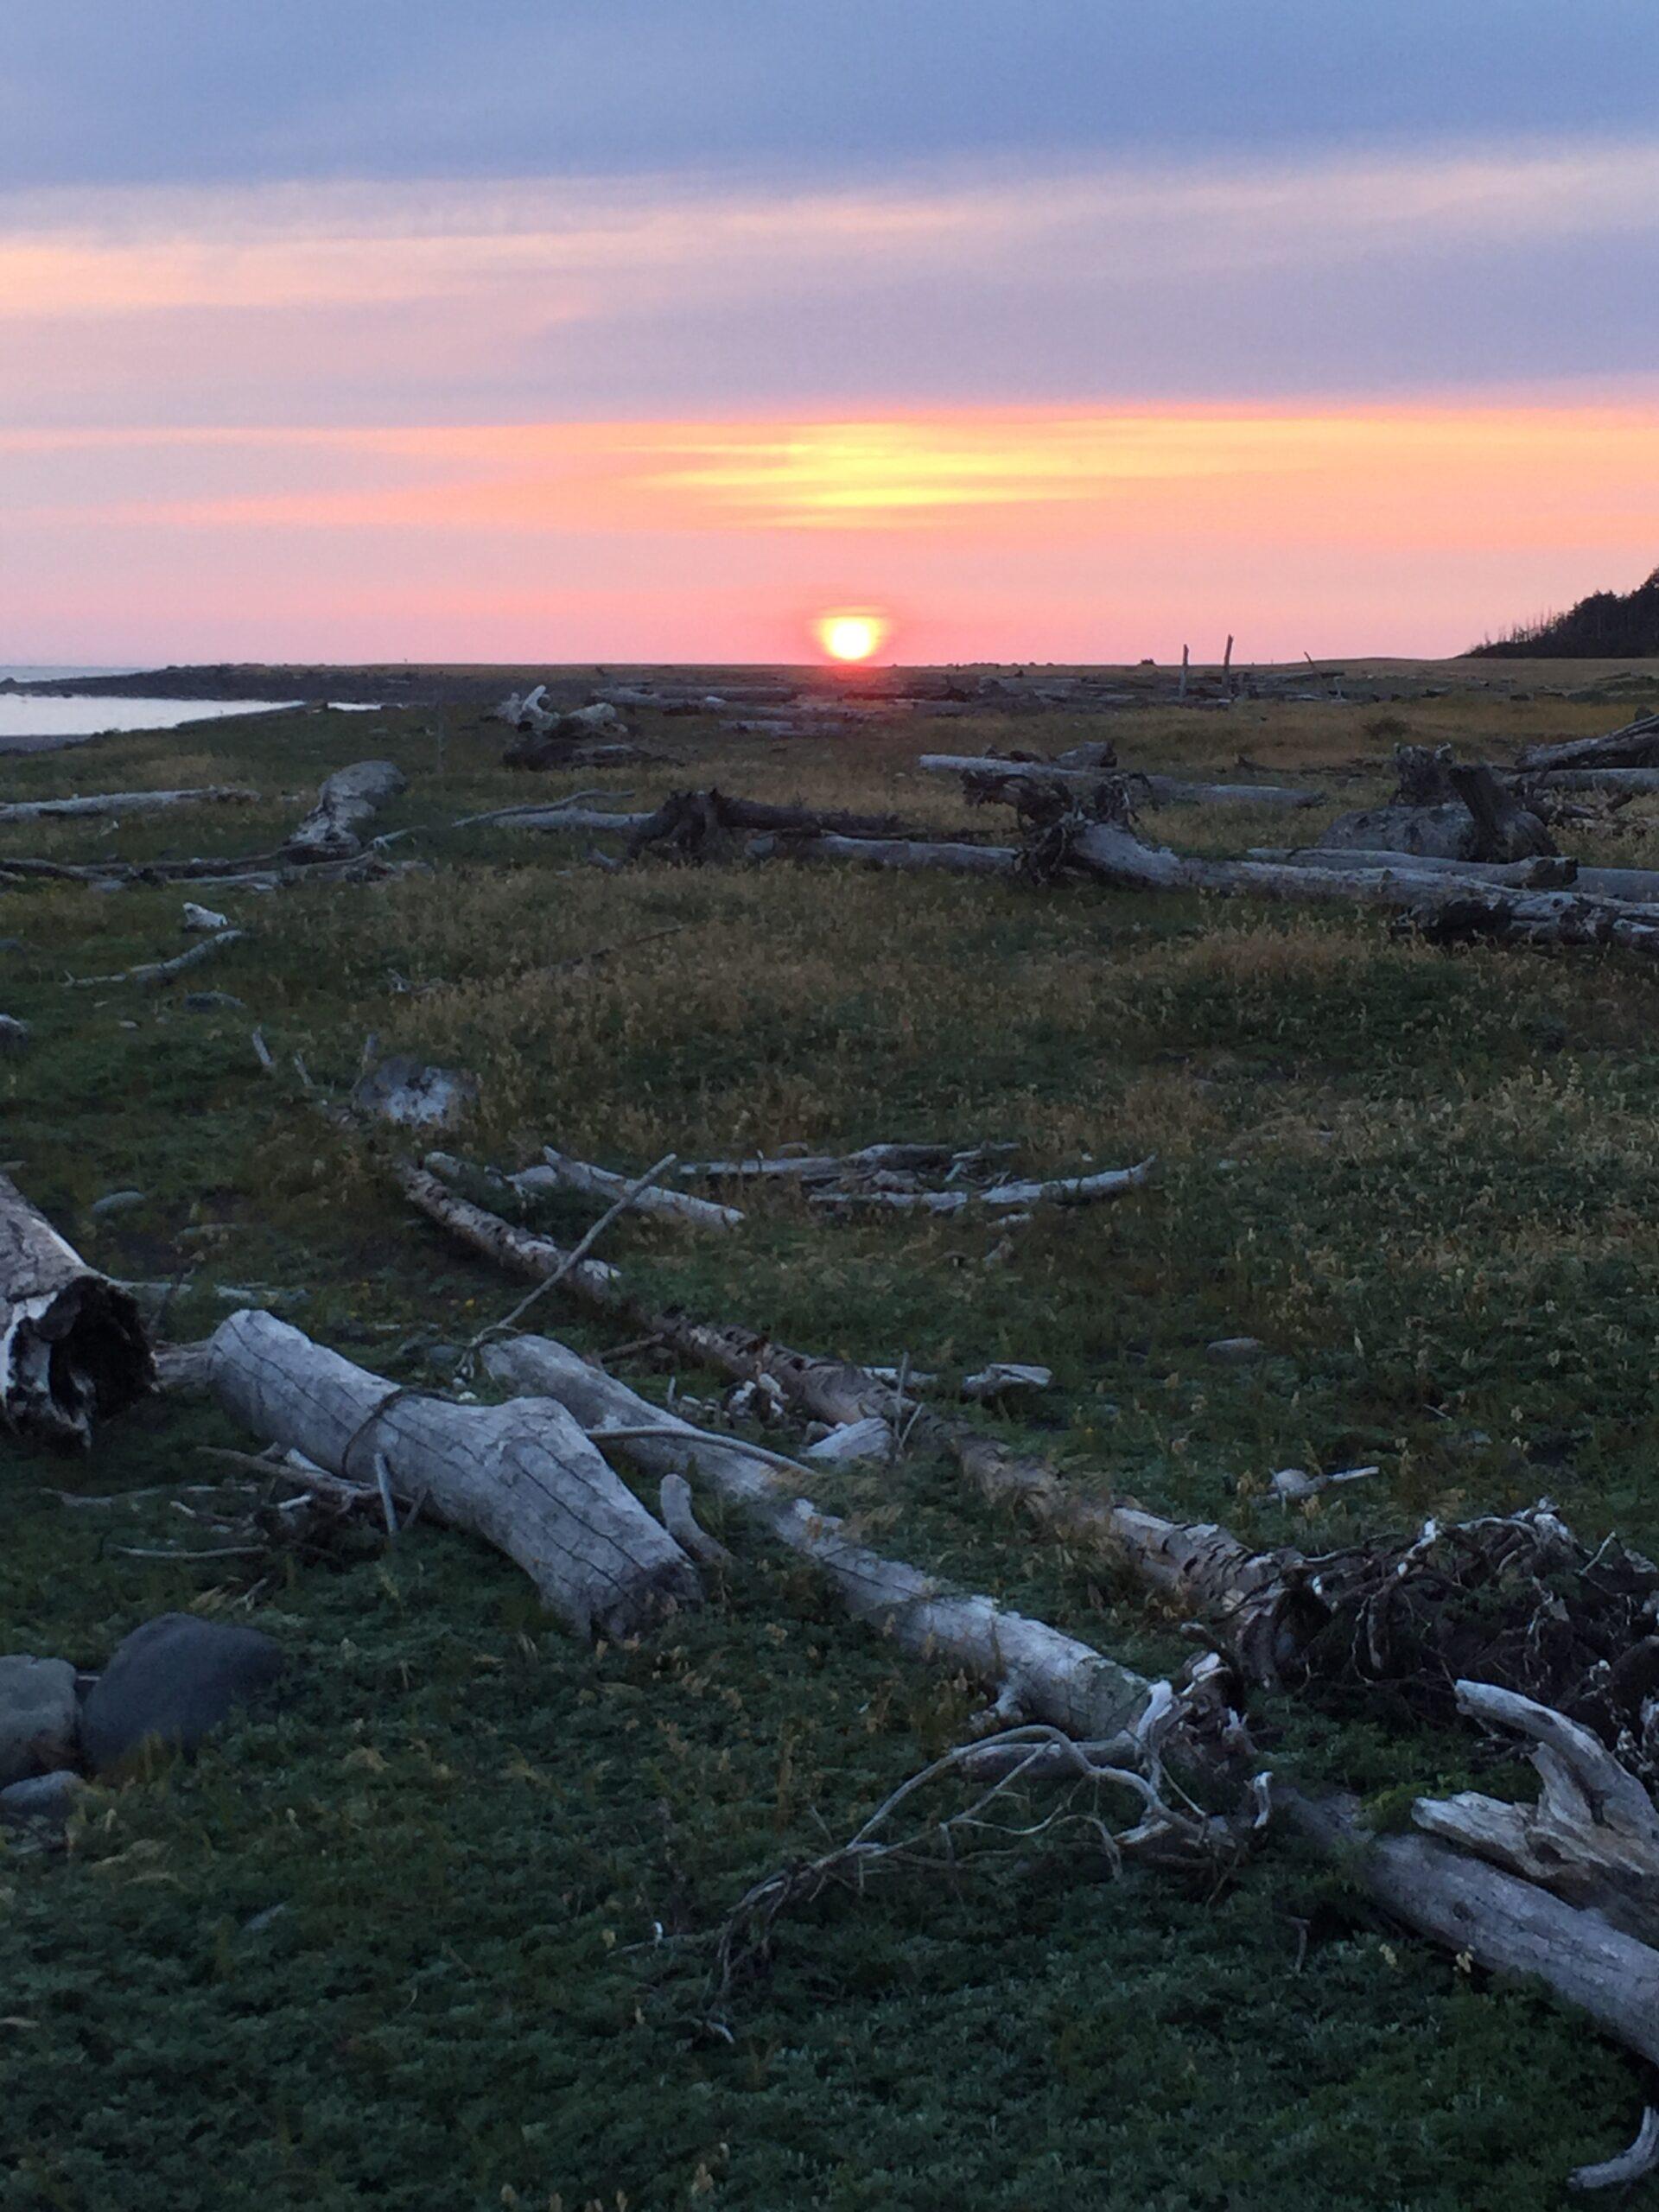 Sunrise on the Lost Coast Trail